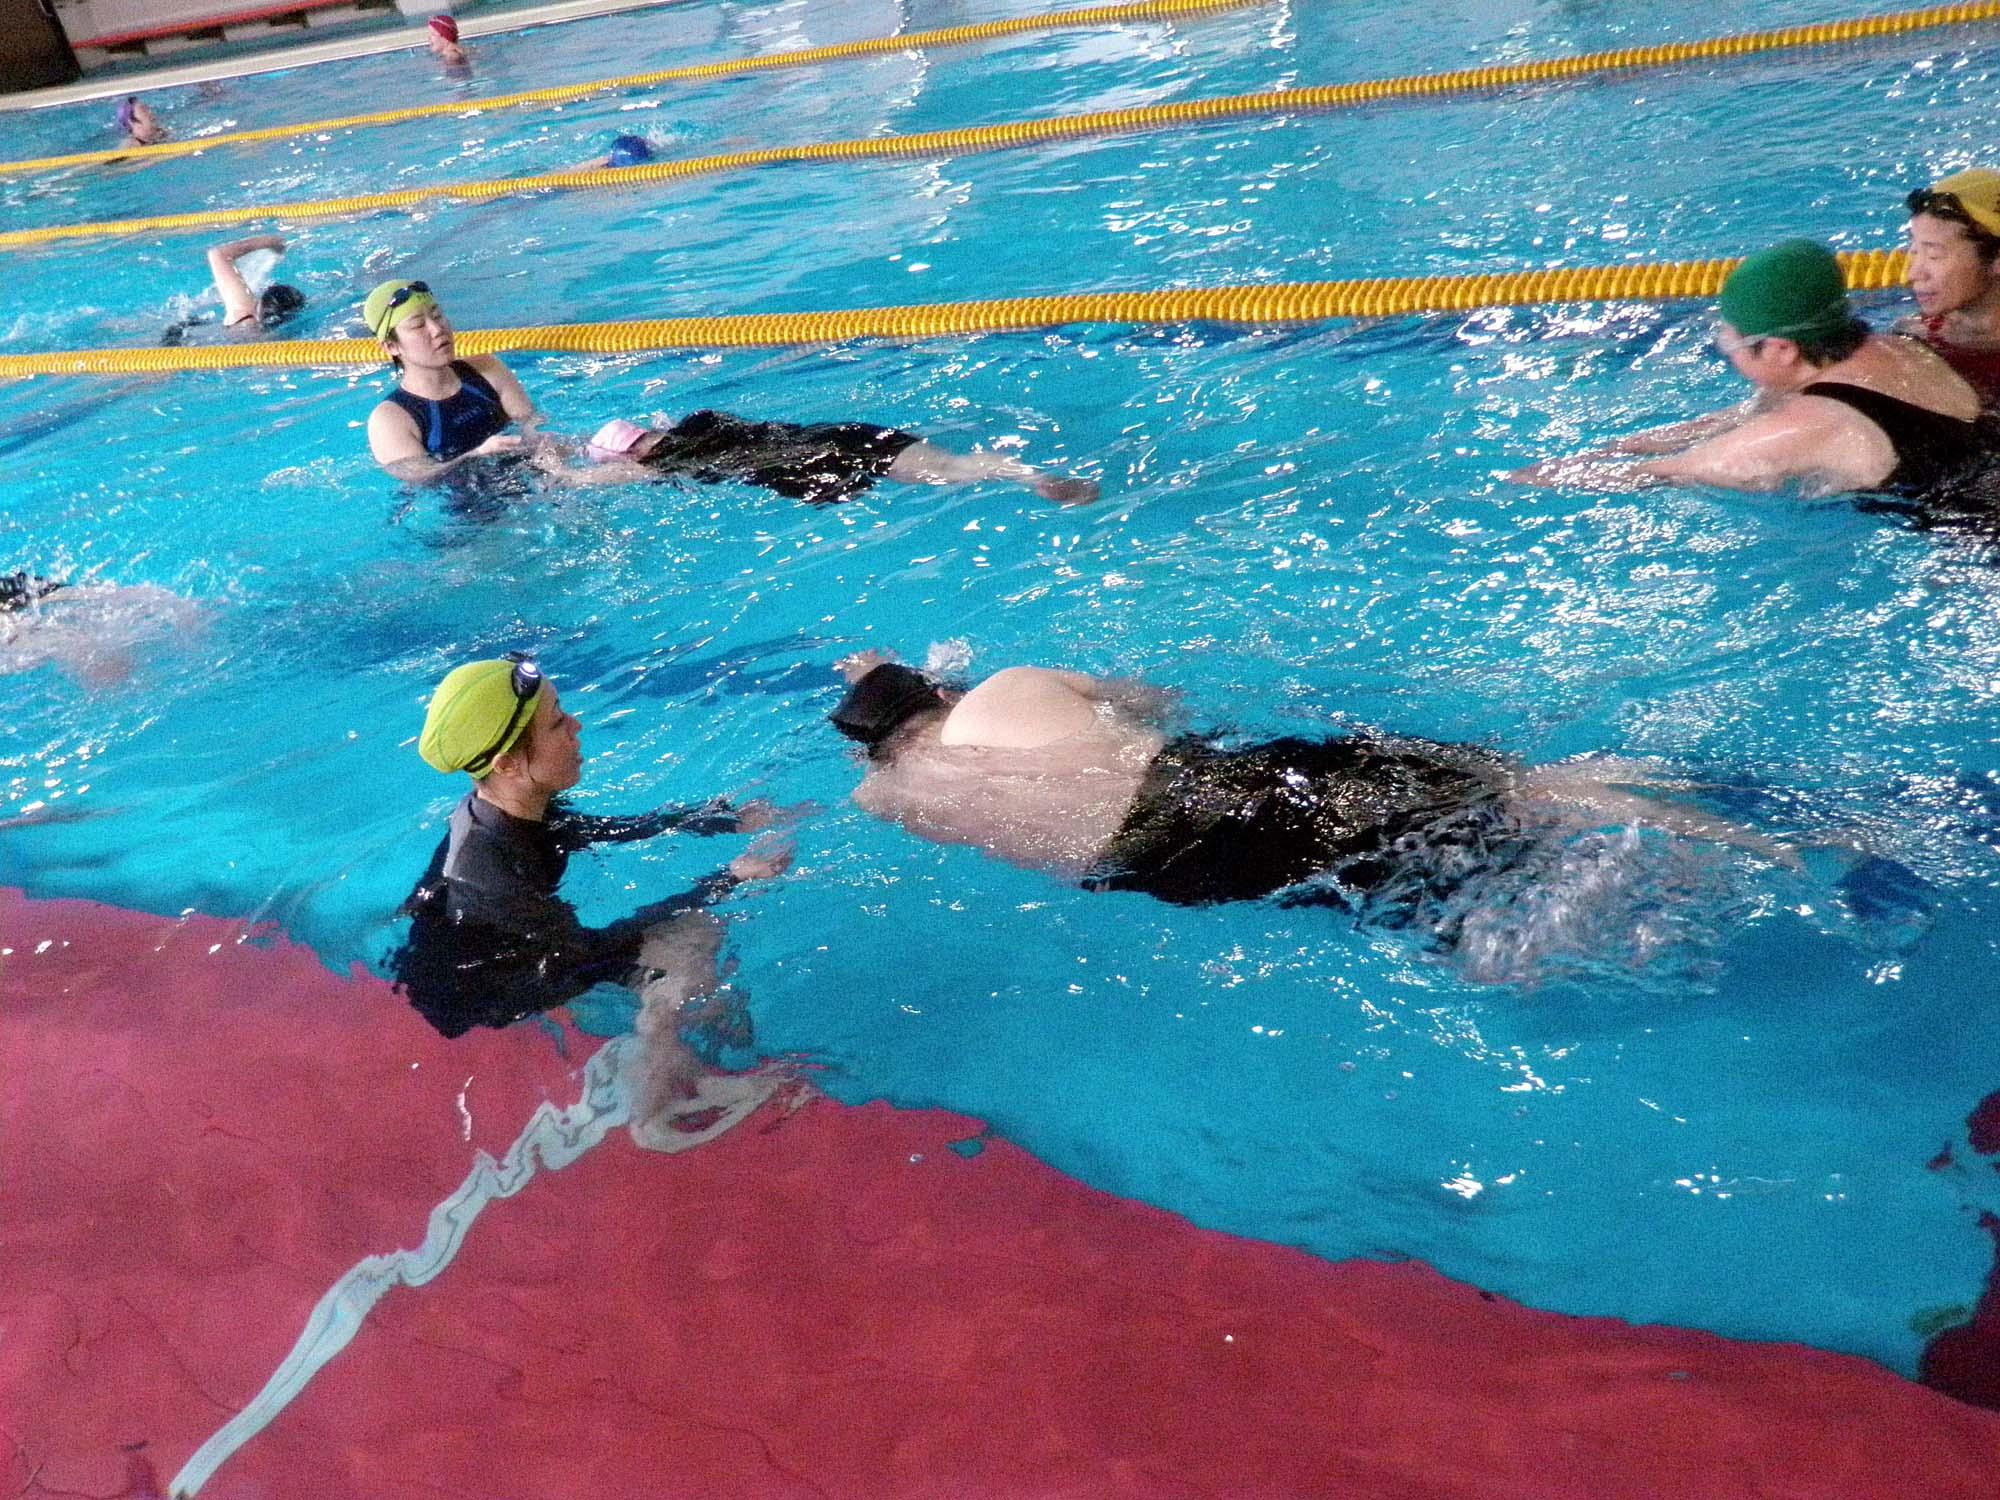 P5140172 - 初心者水泳教室より ・・・ゆっくりと練習しています。